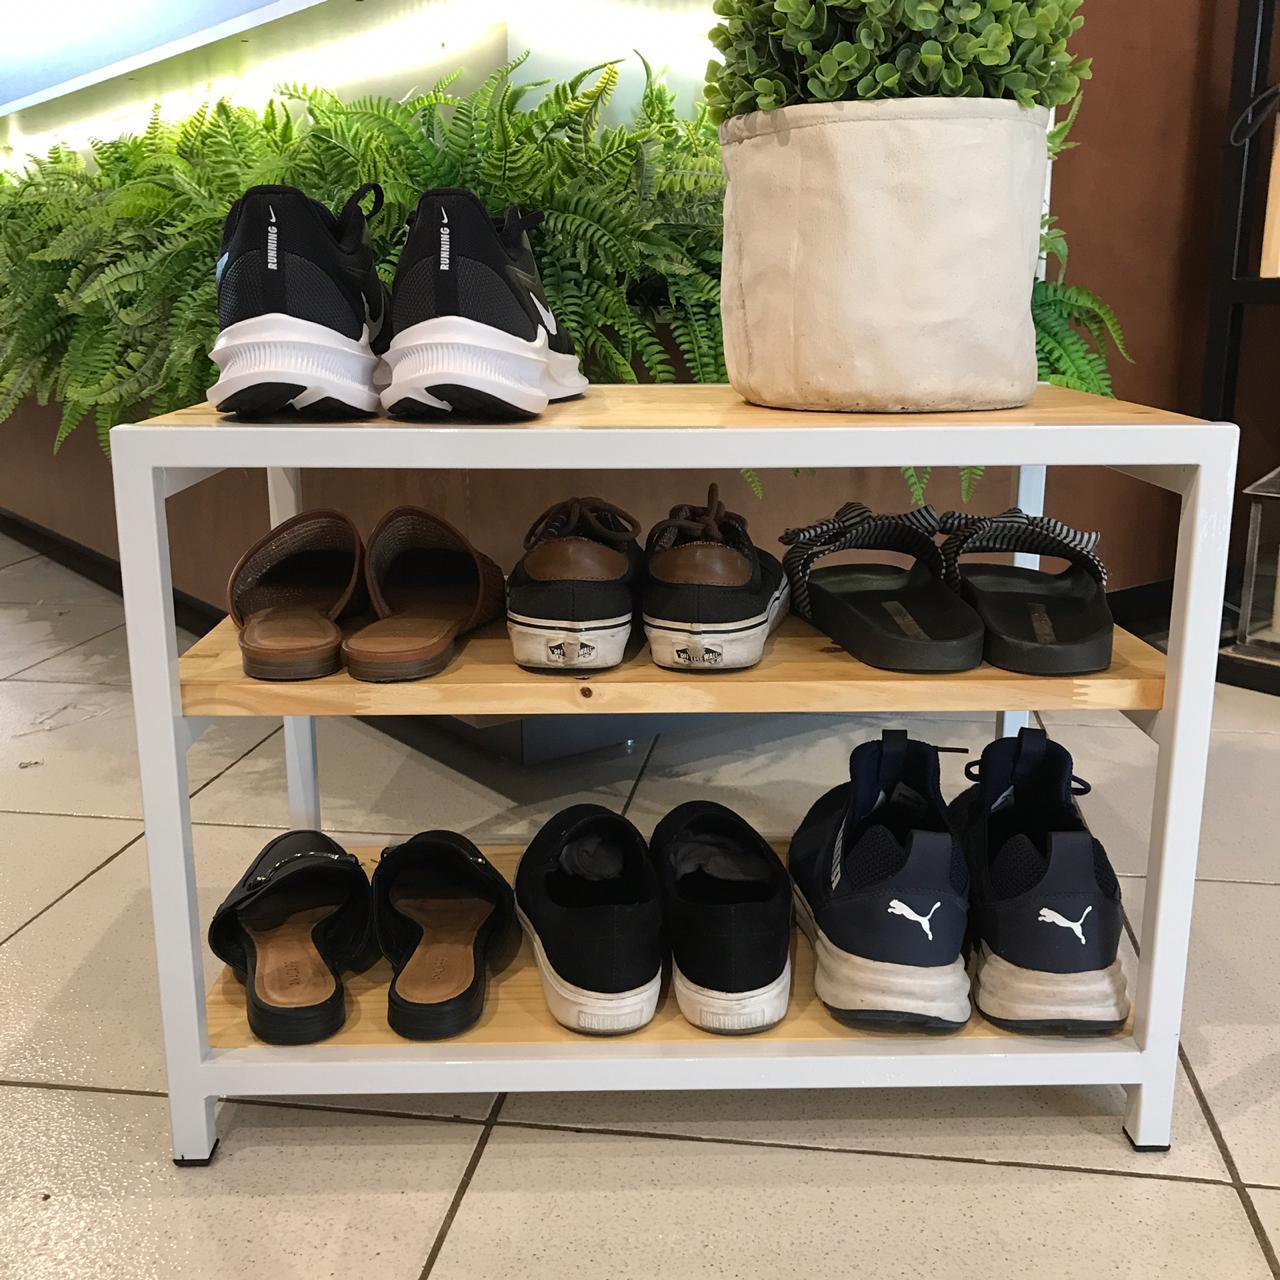 Banco Sapateira para Porta de Casa em Ferro Branco e Madeira para Organizar Sapatos Natural